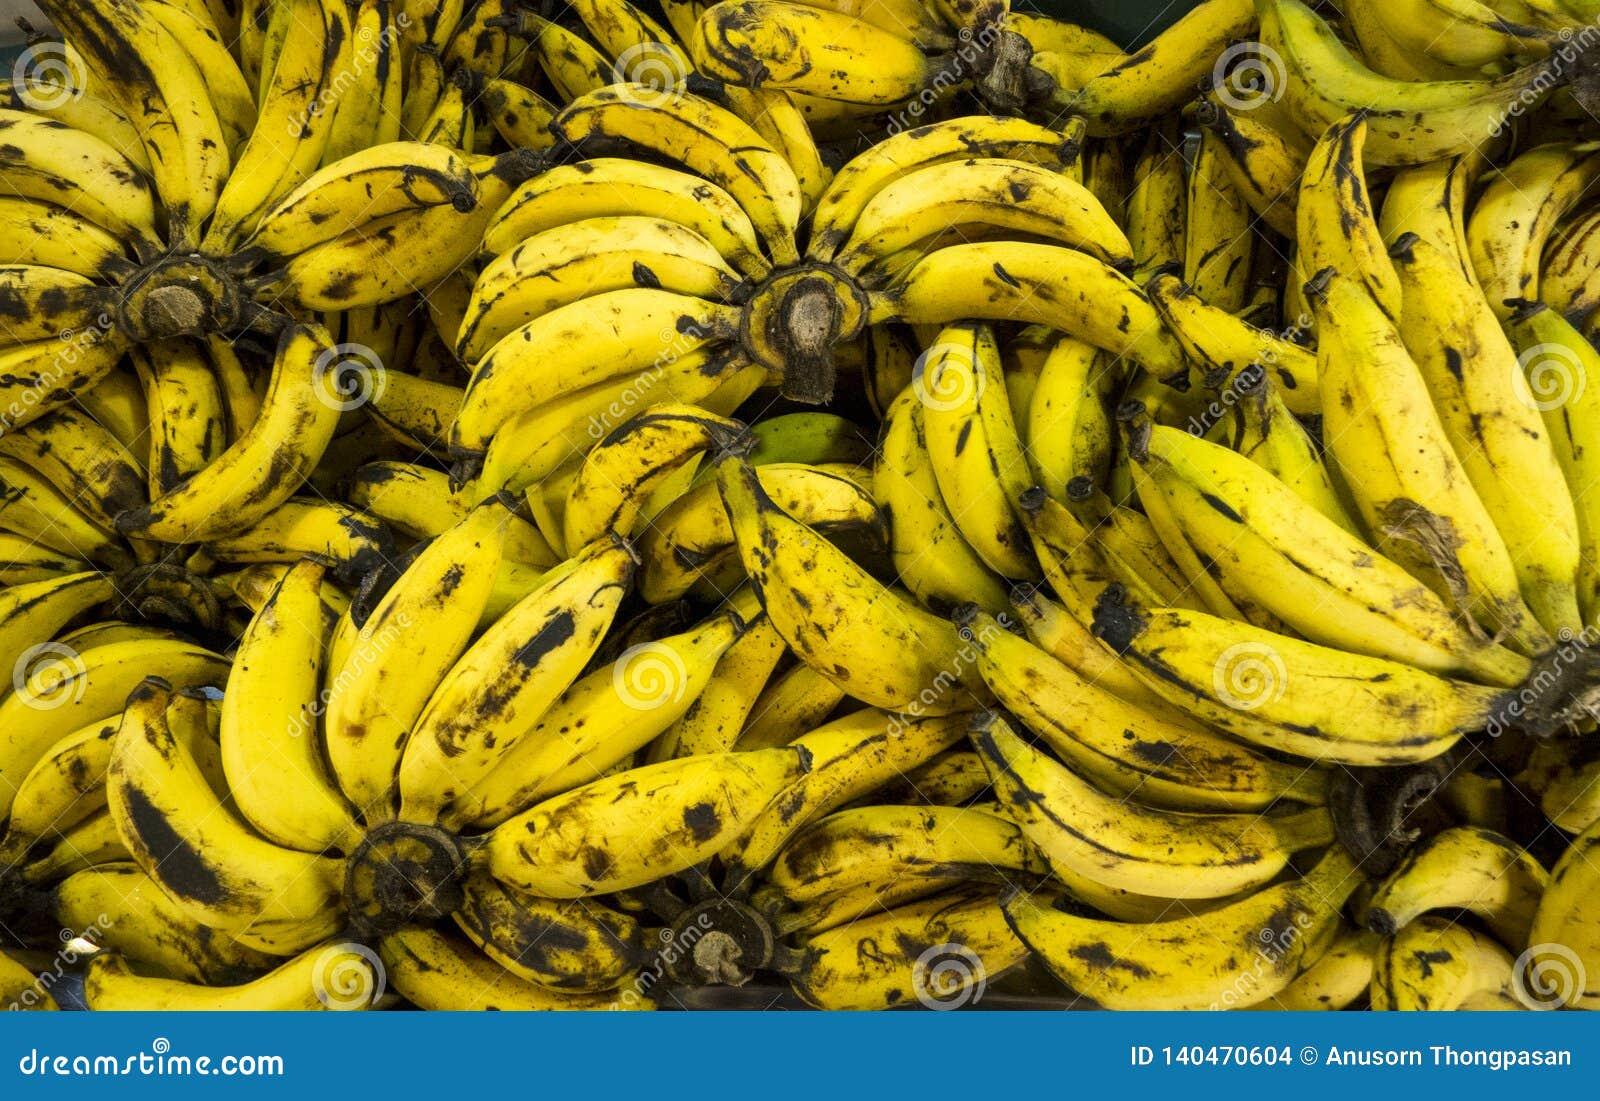 Au-dessus du fond mûr de bananes dans le marché, la vue supérieure et le defocus